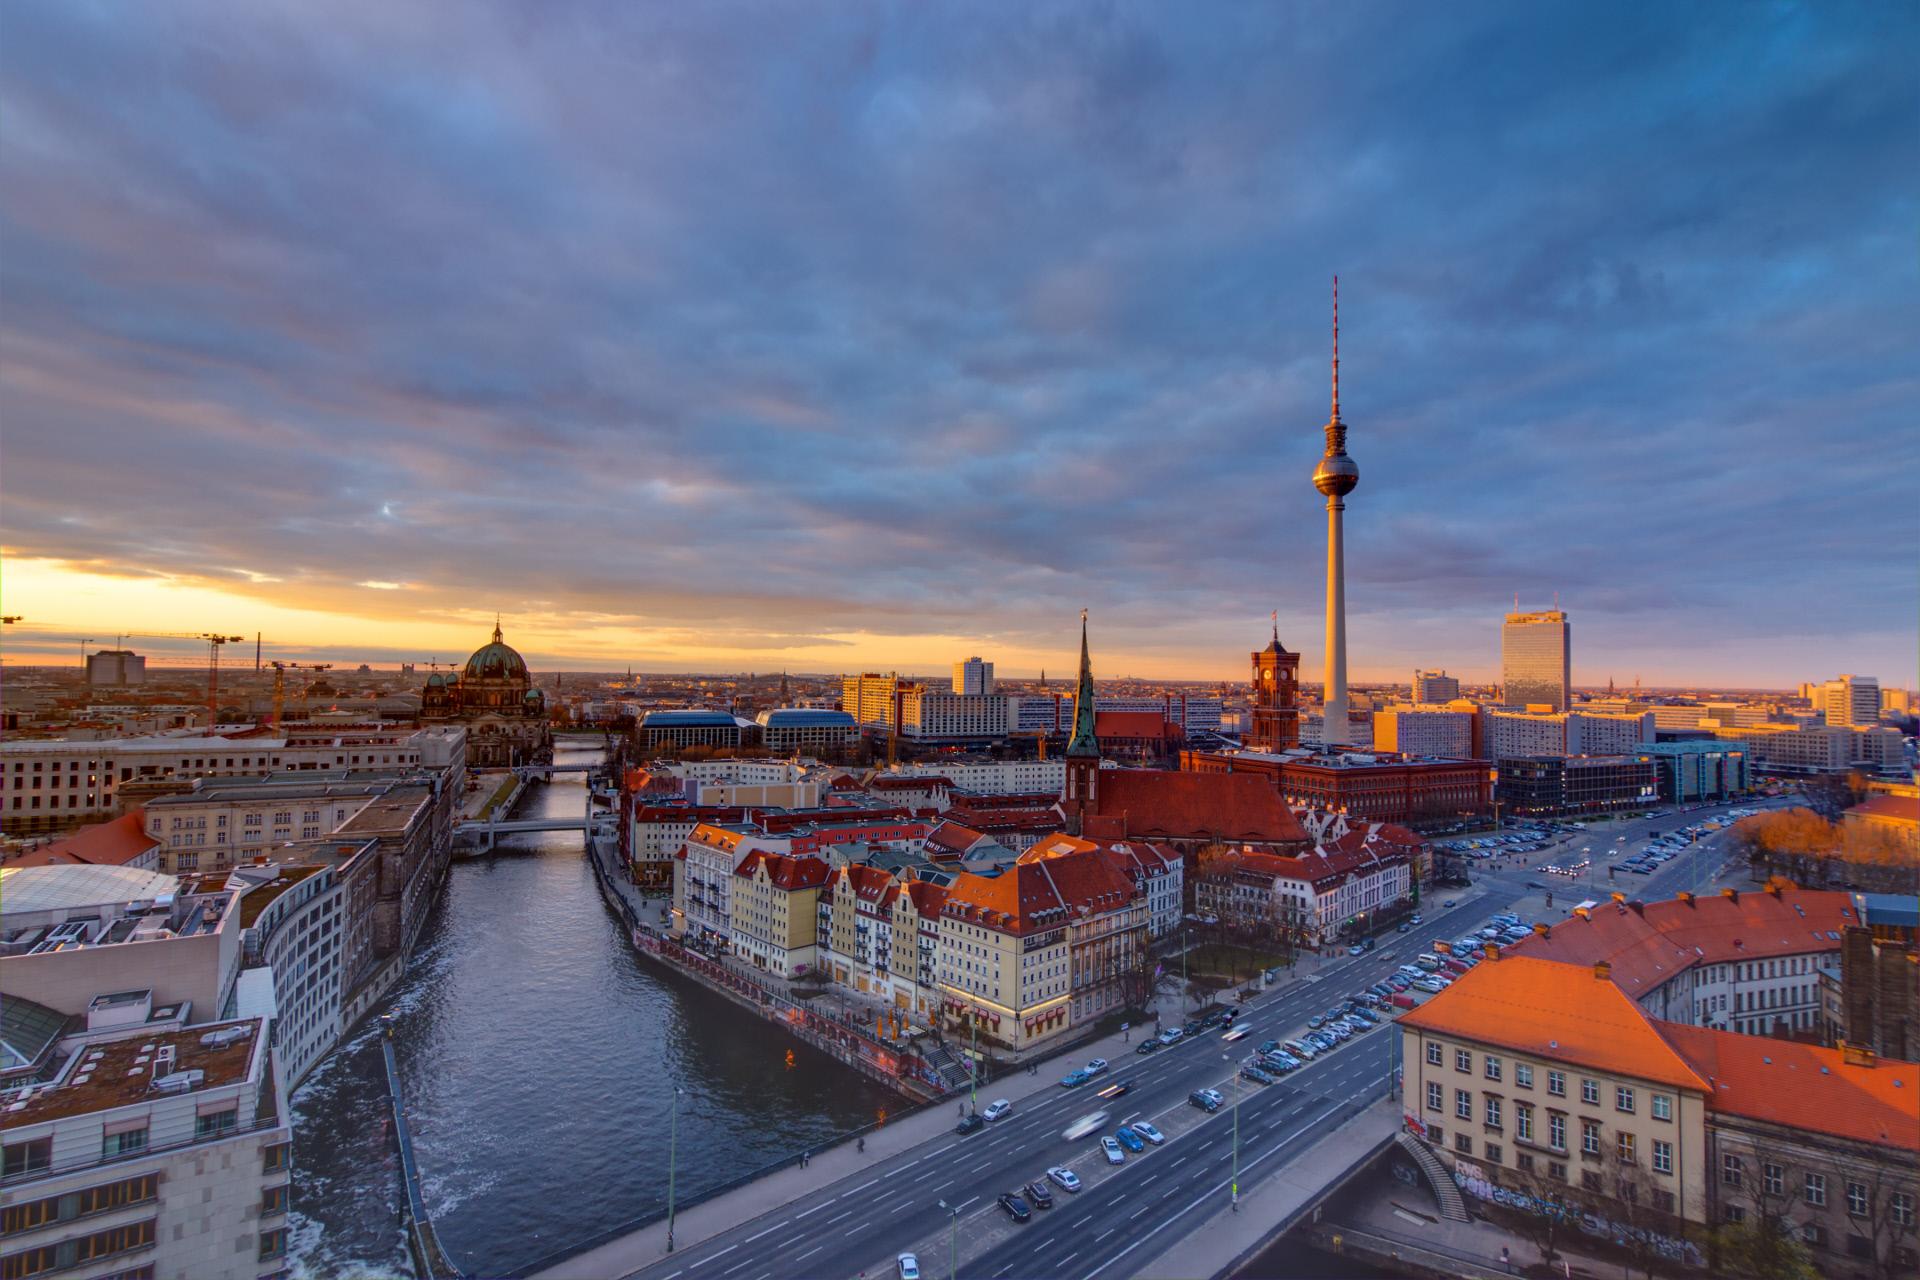 2. Berlim